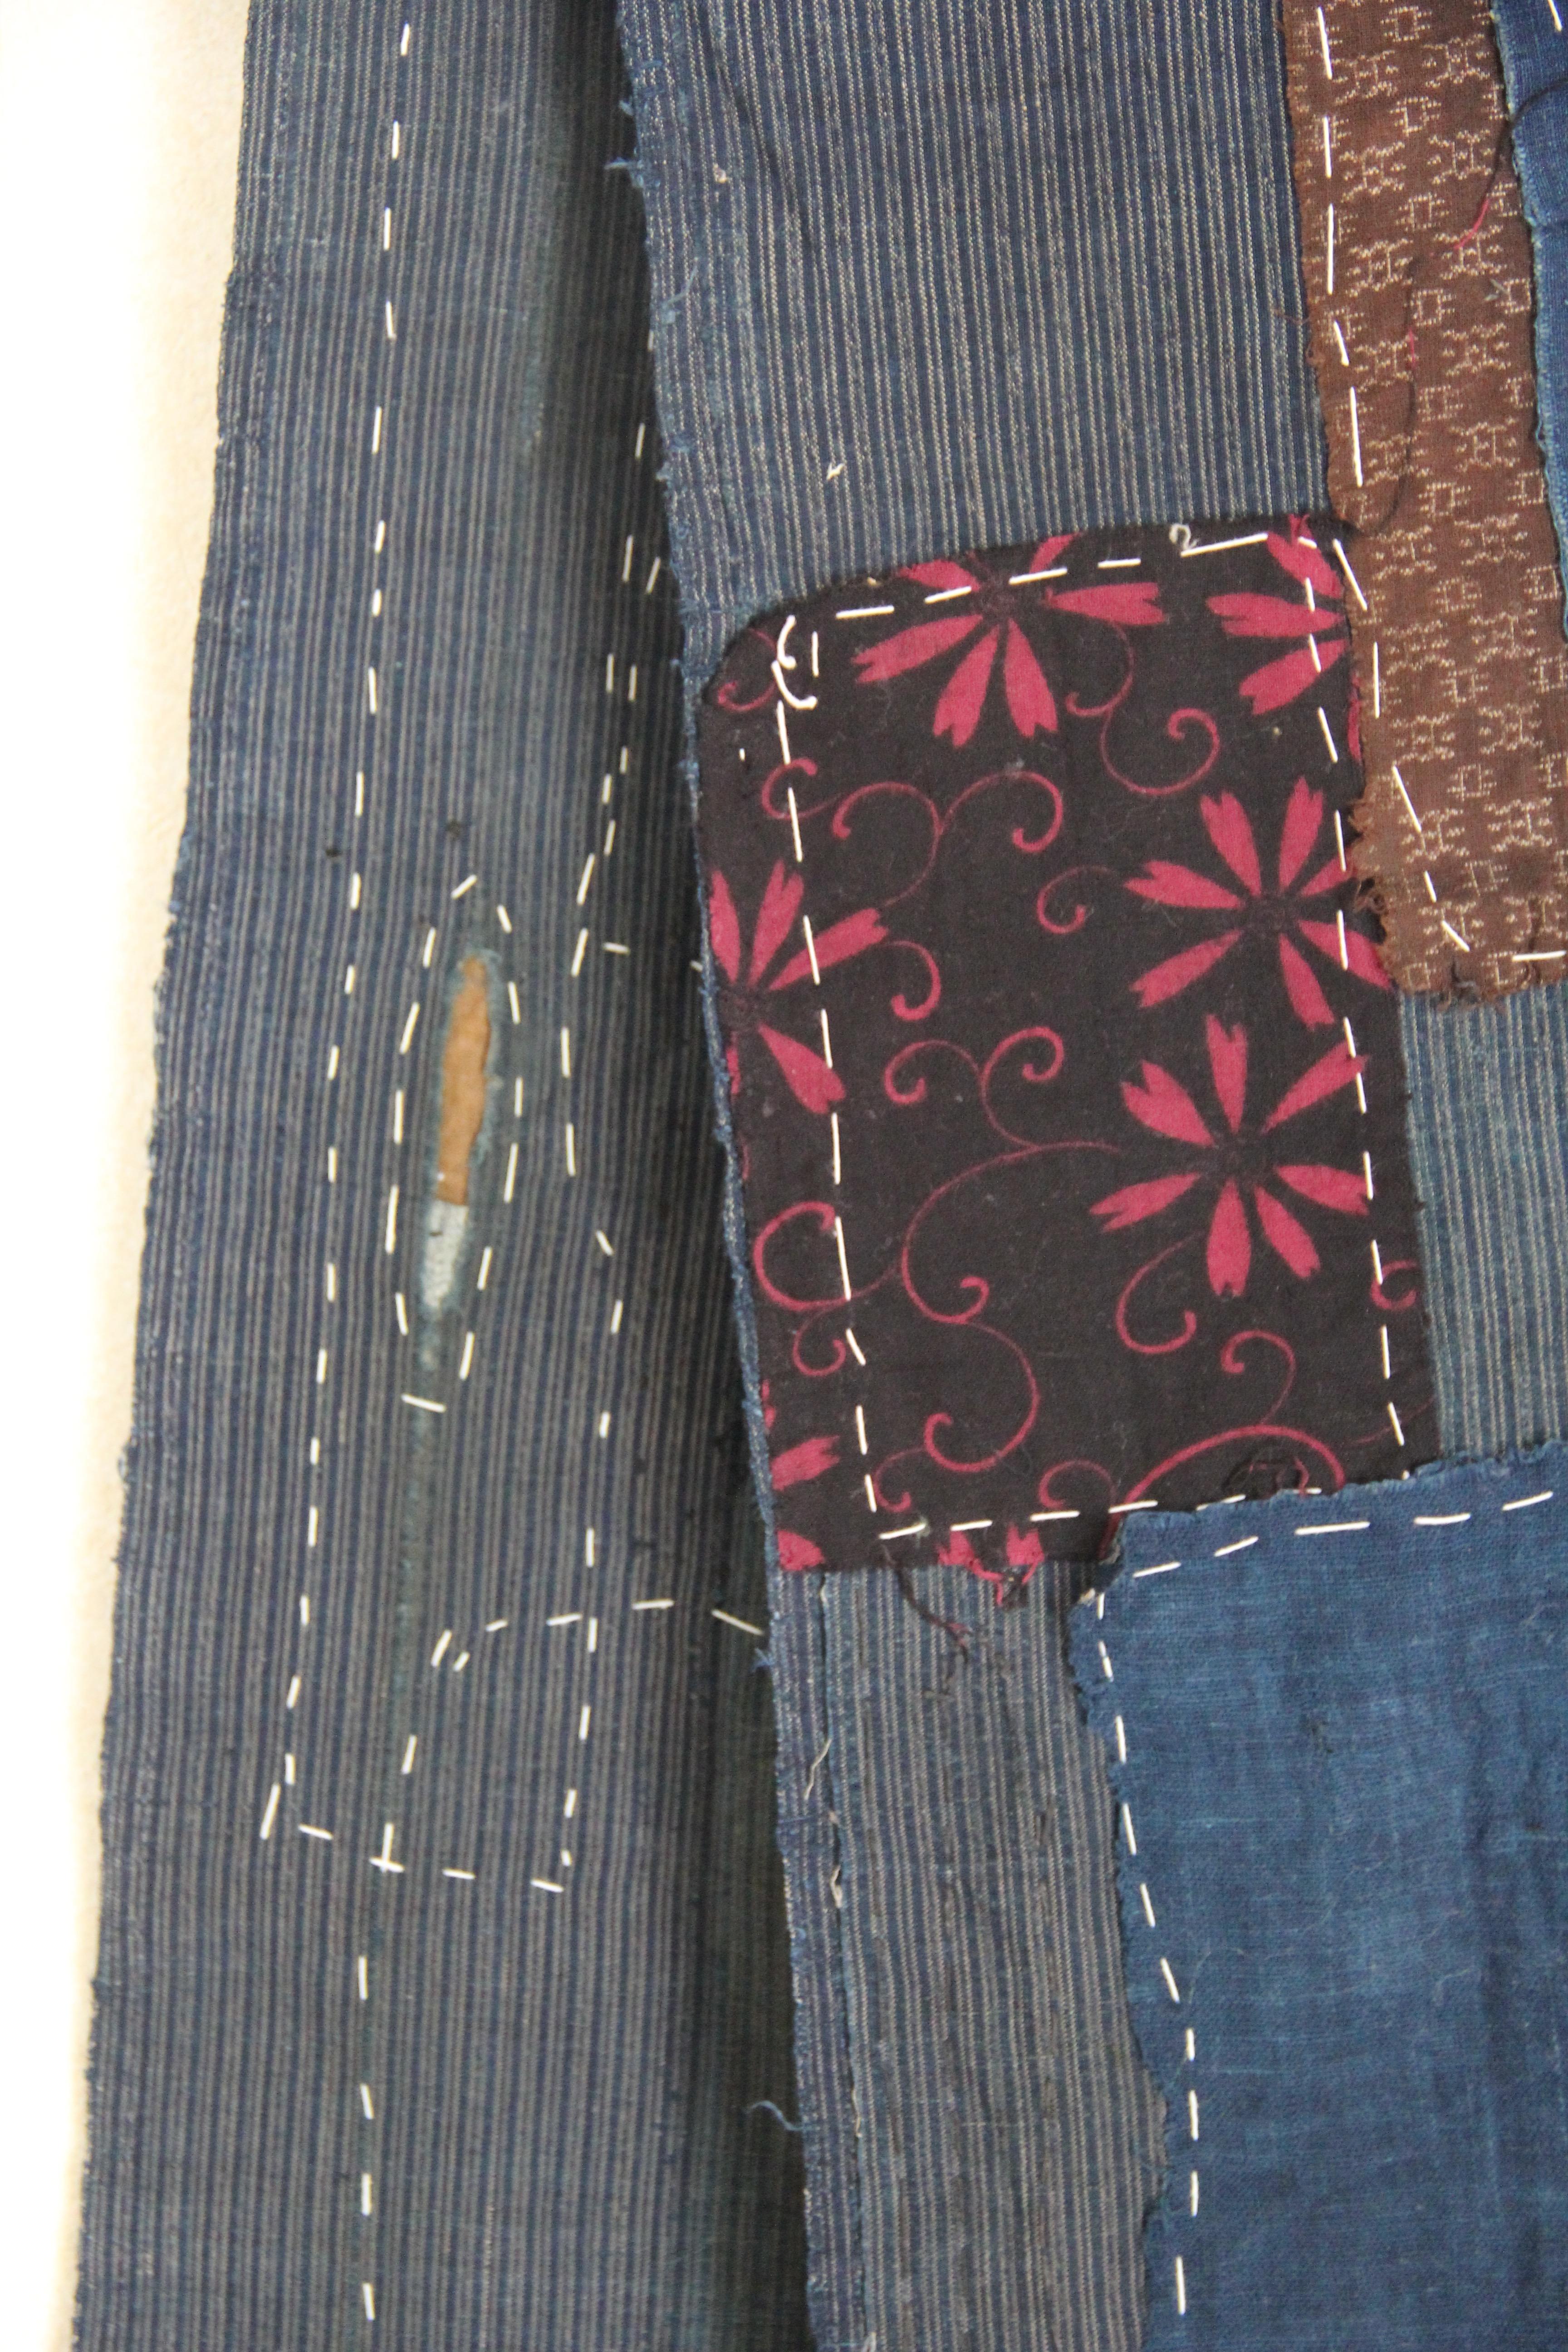 Japanese sashiko stitching detail